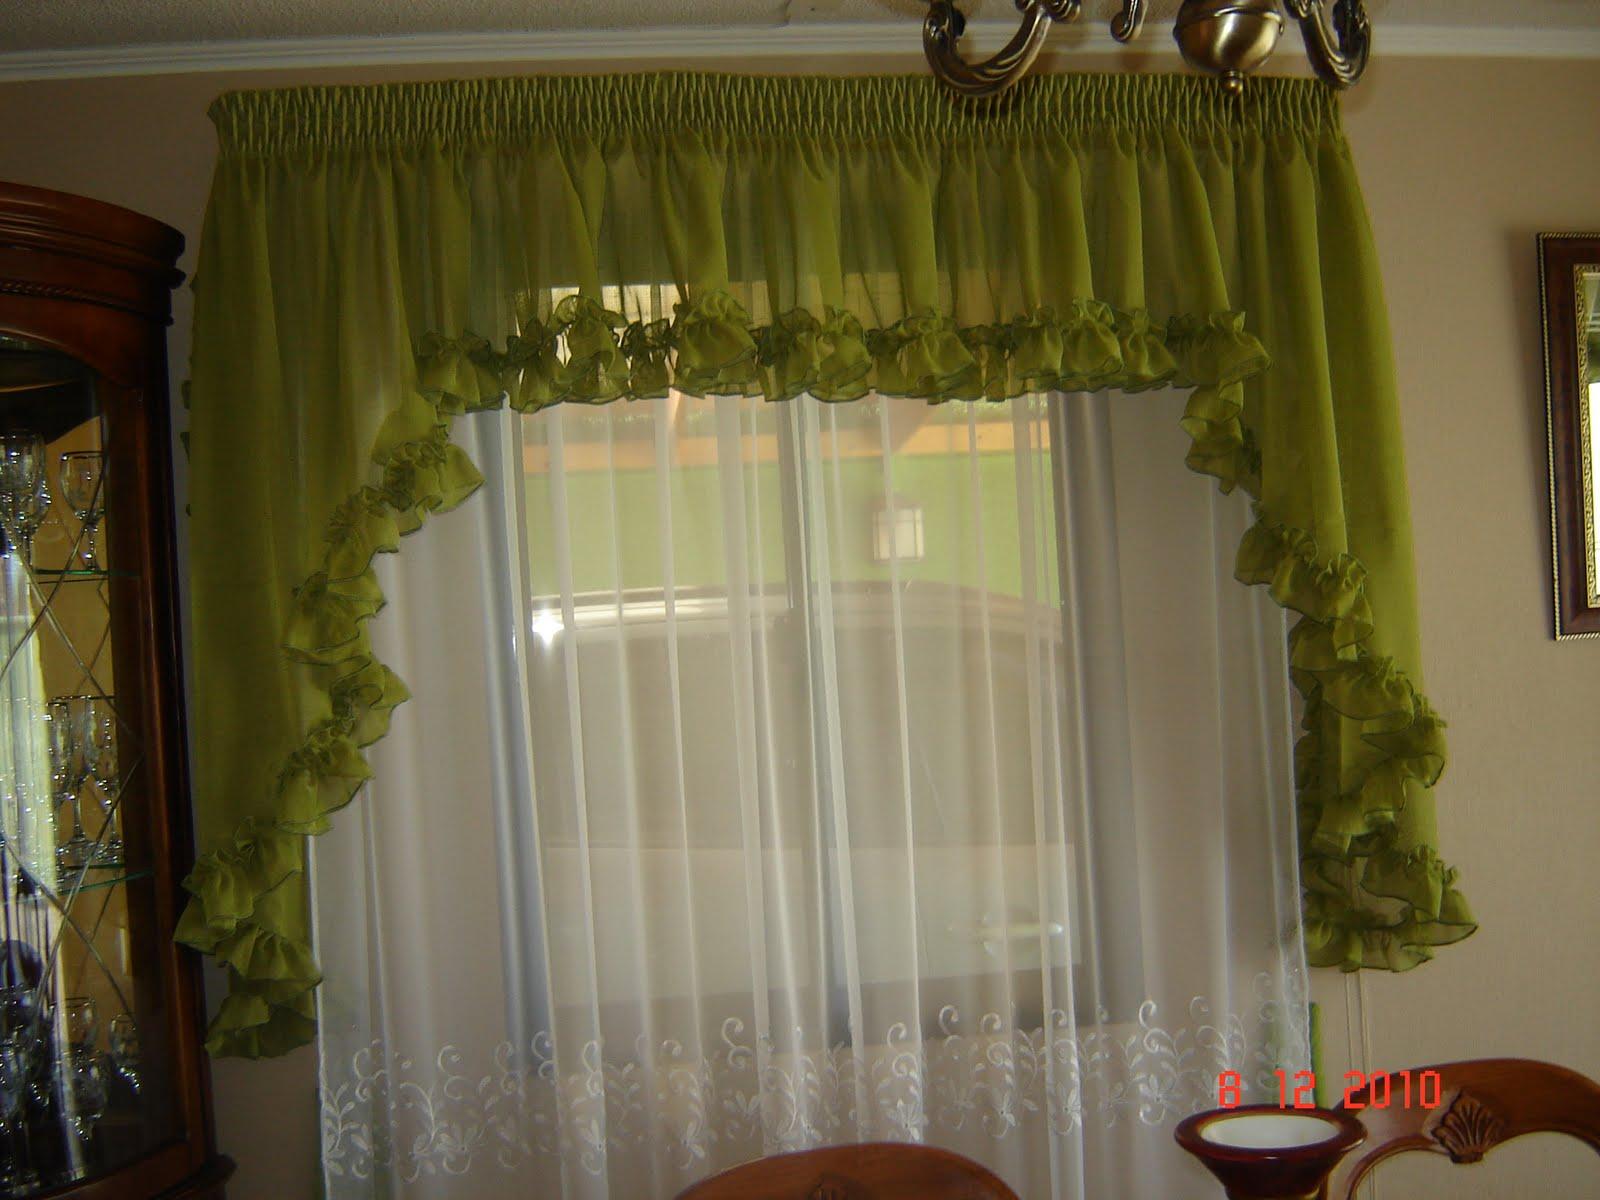 Cot confecciones cenefa con cascadas en velo r stico ideal para cortina semi rom ntica - Modelos de cenefas para cortinas ...